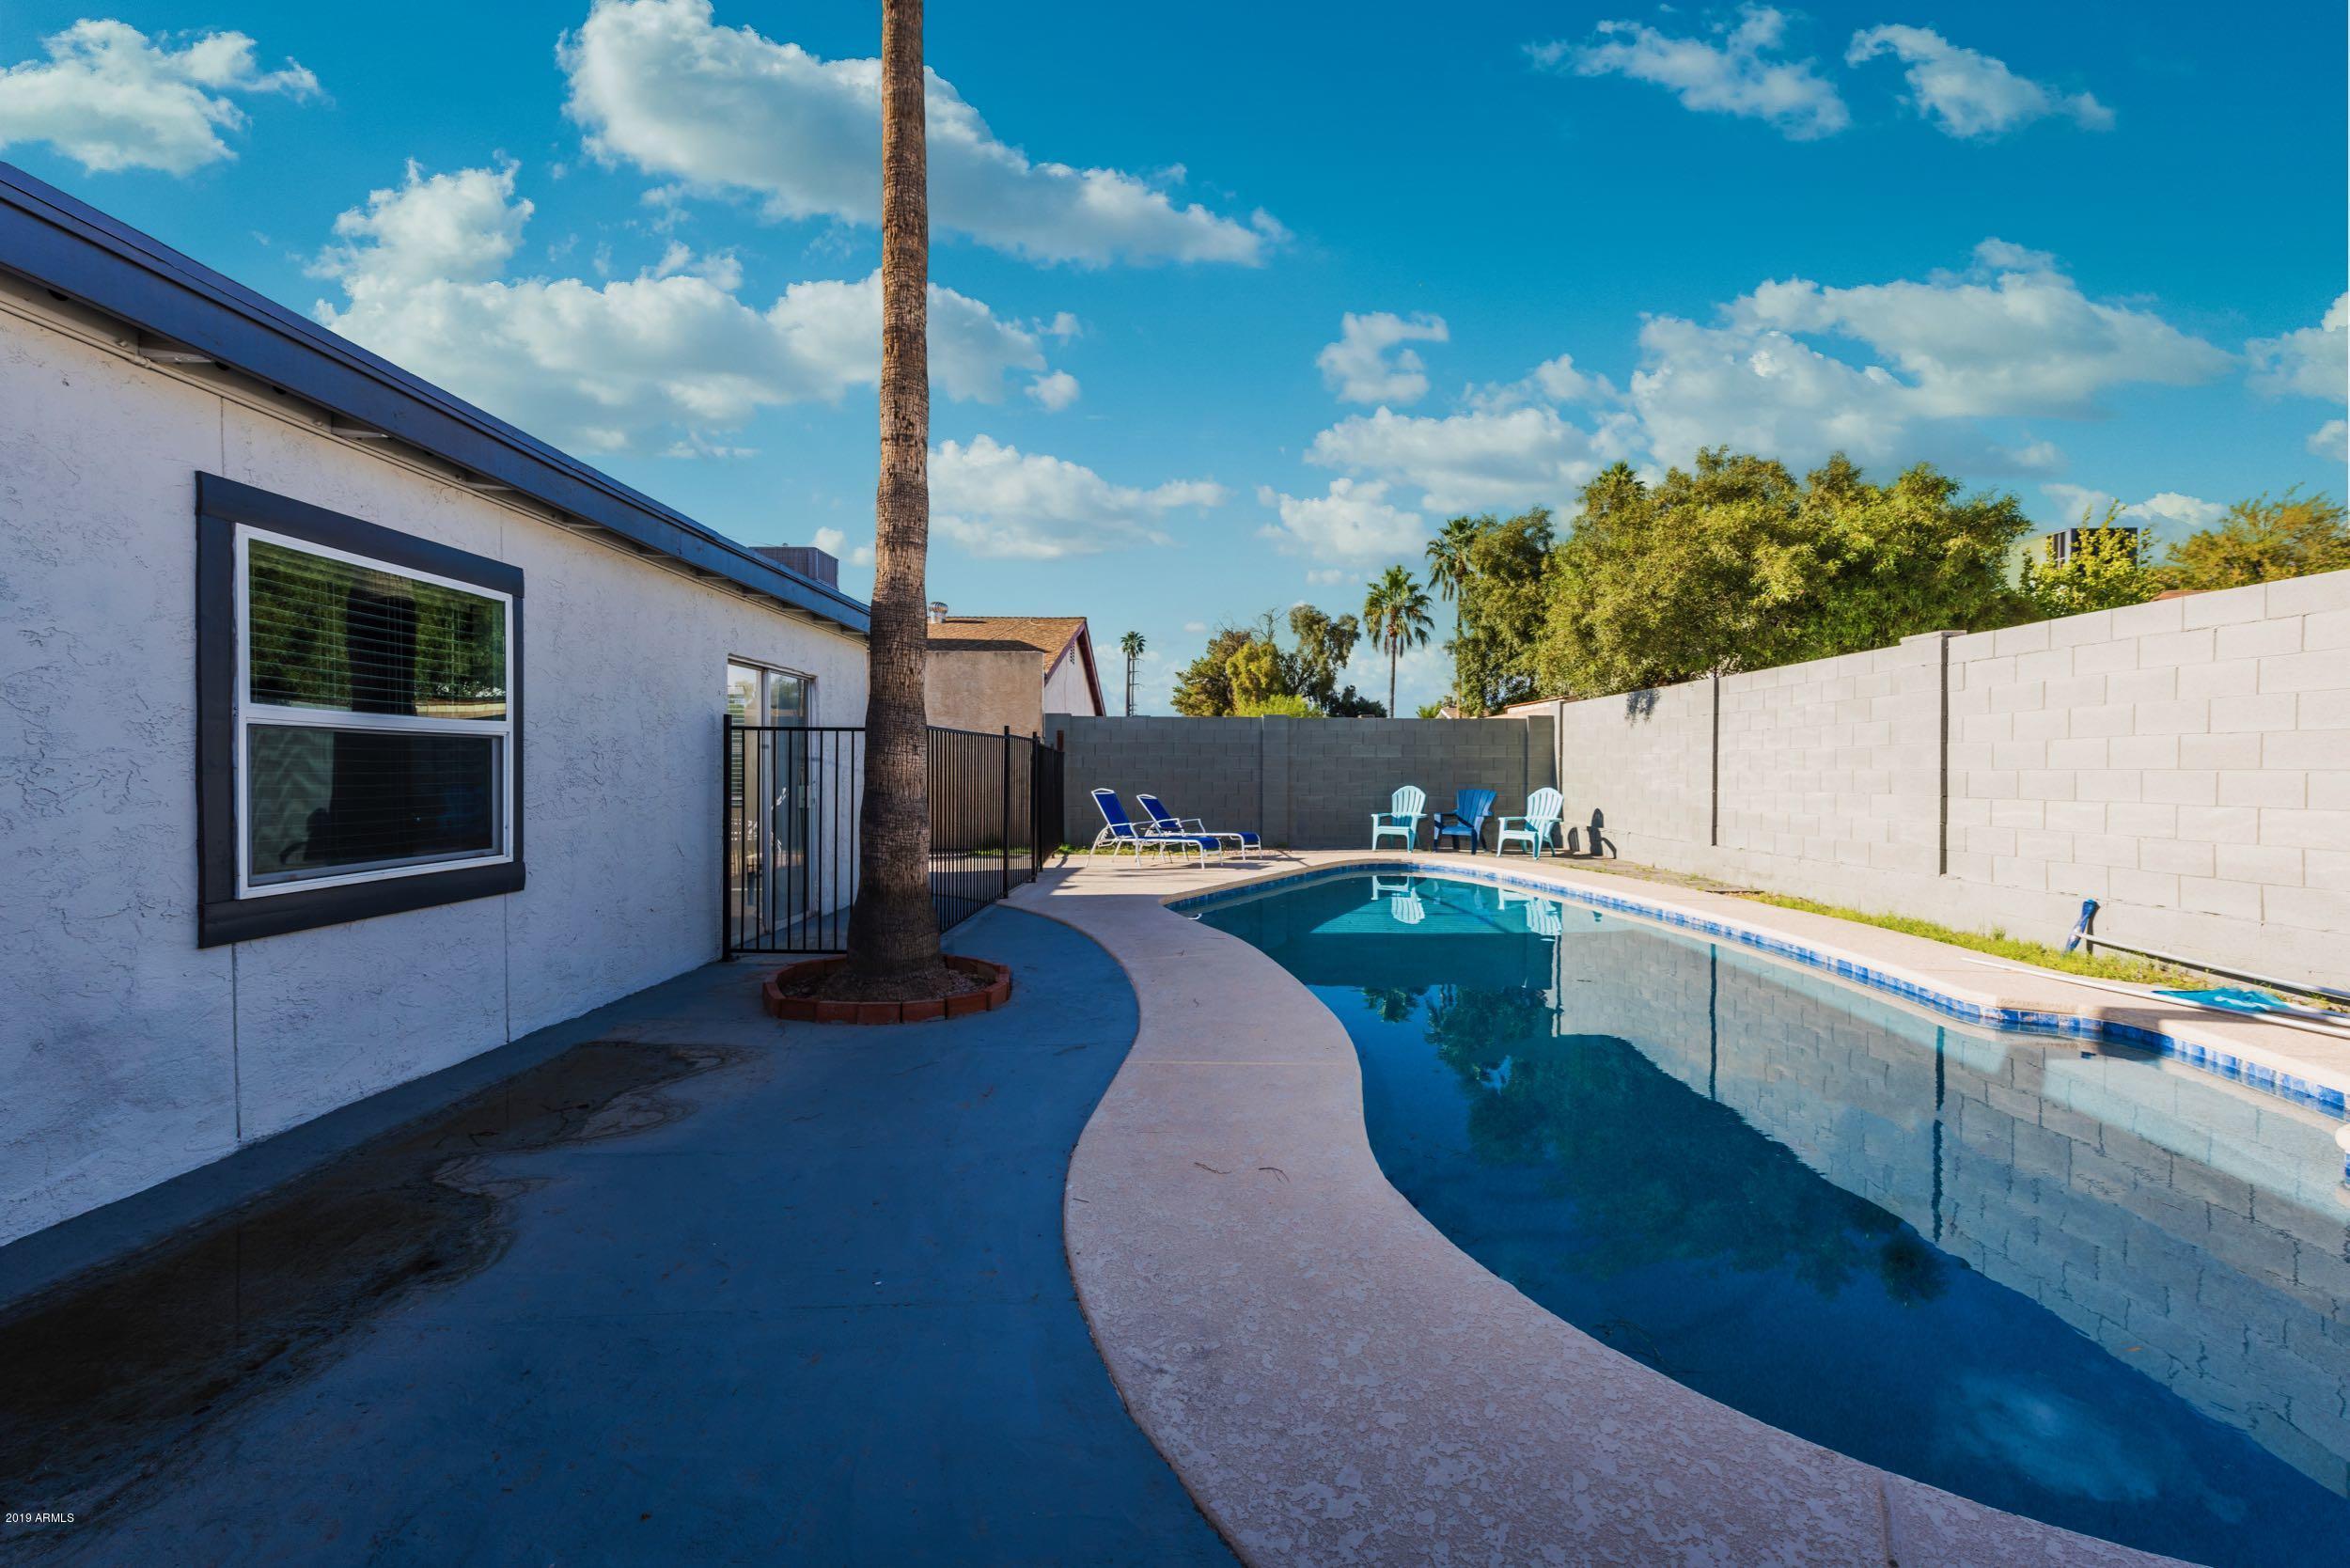 MLS 5943289 2537 N 87TH Way, Scottsdale, AZ 85257 Scottsdale AZ Private Pool